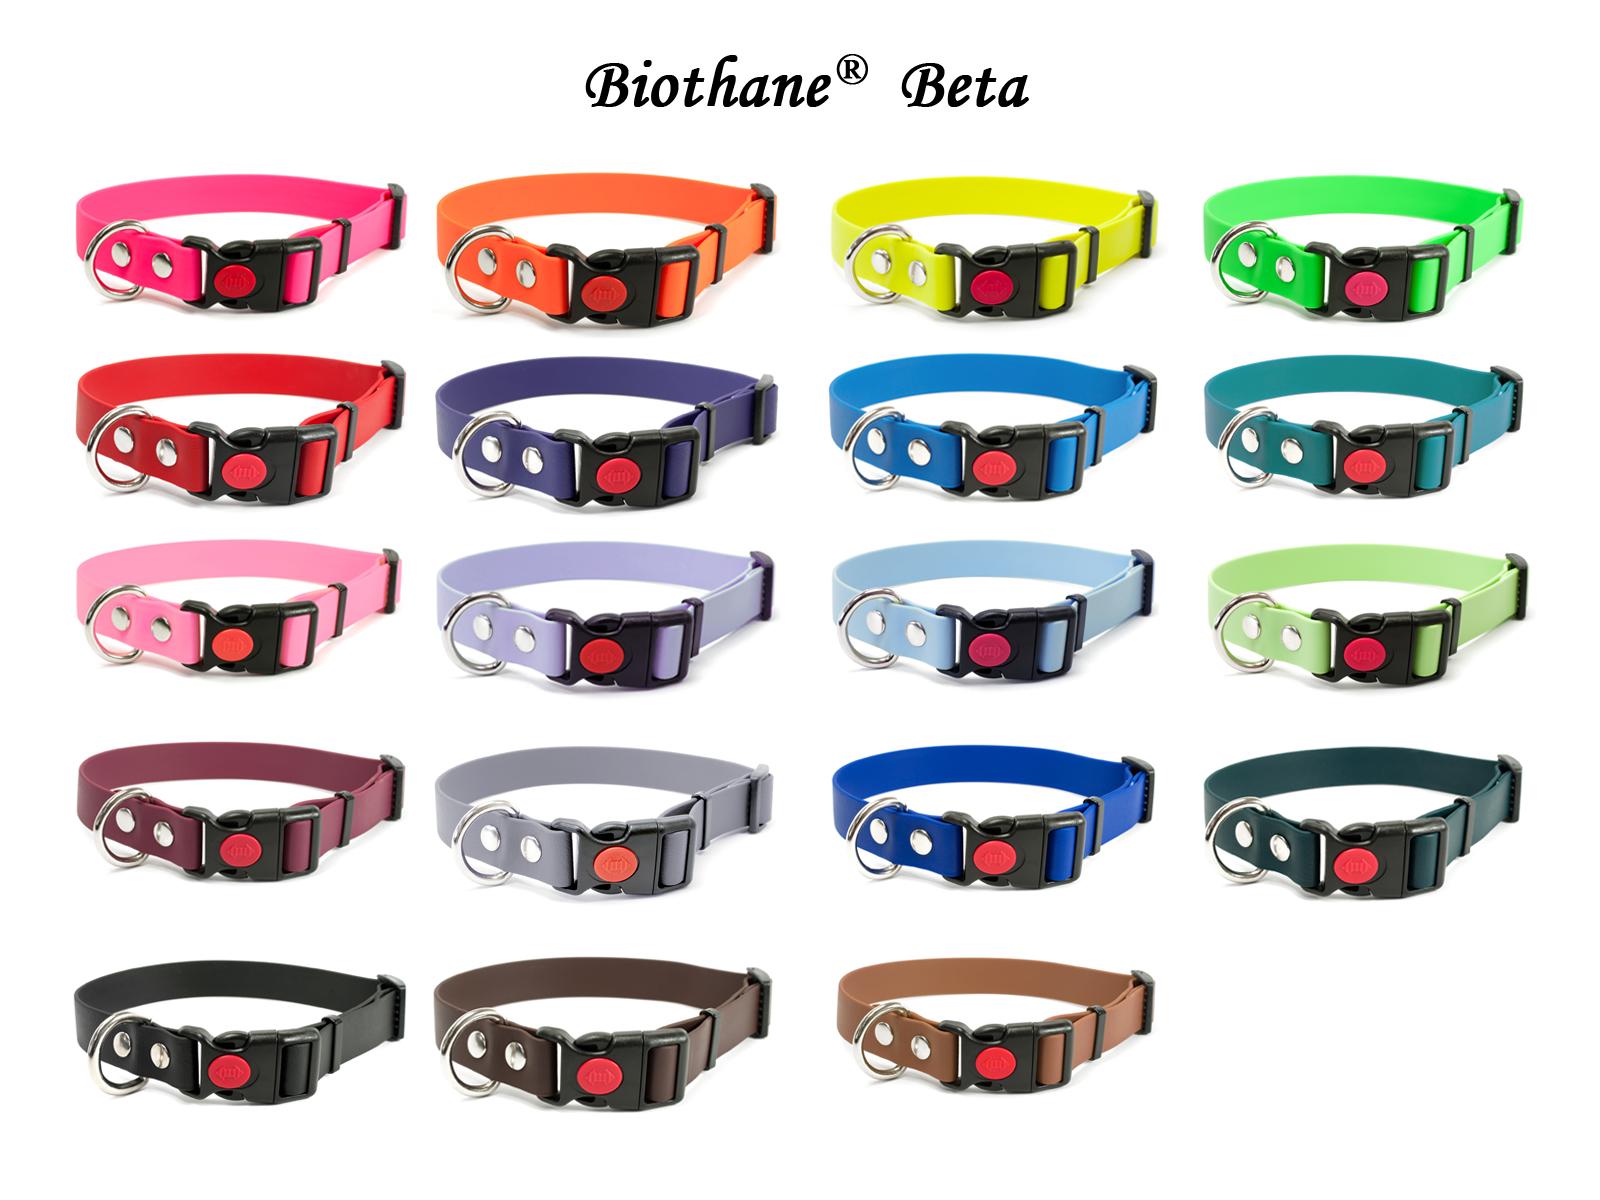 Biothane Halsband Safety Klick Farbübersicht